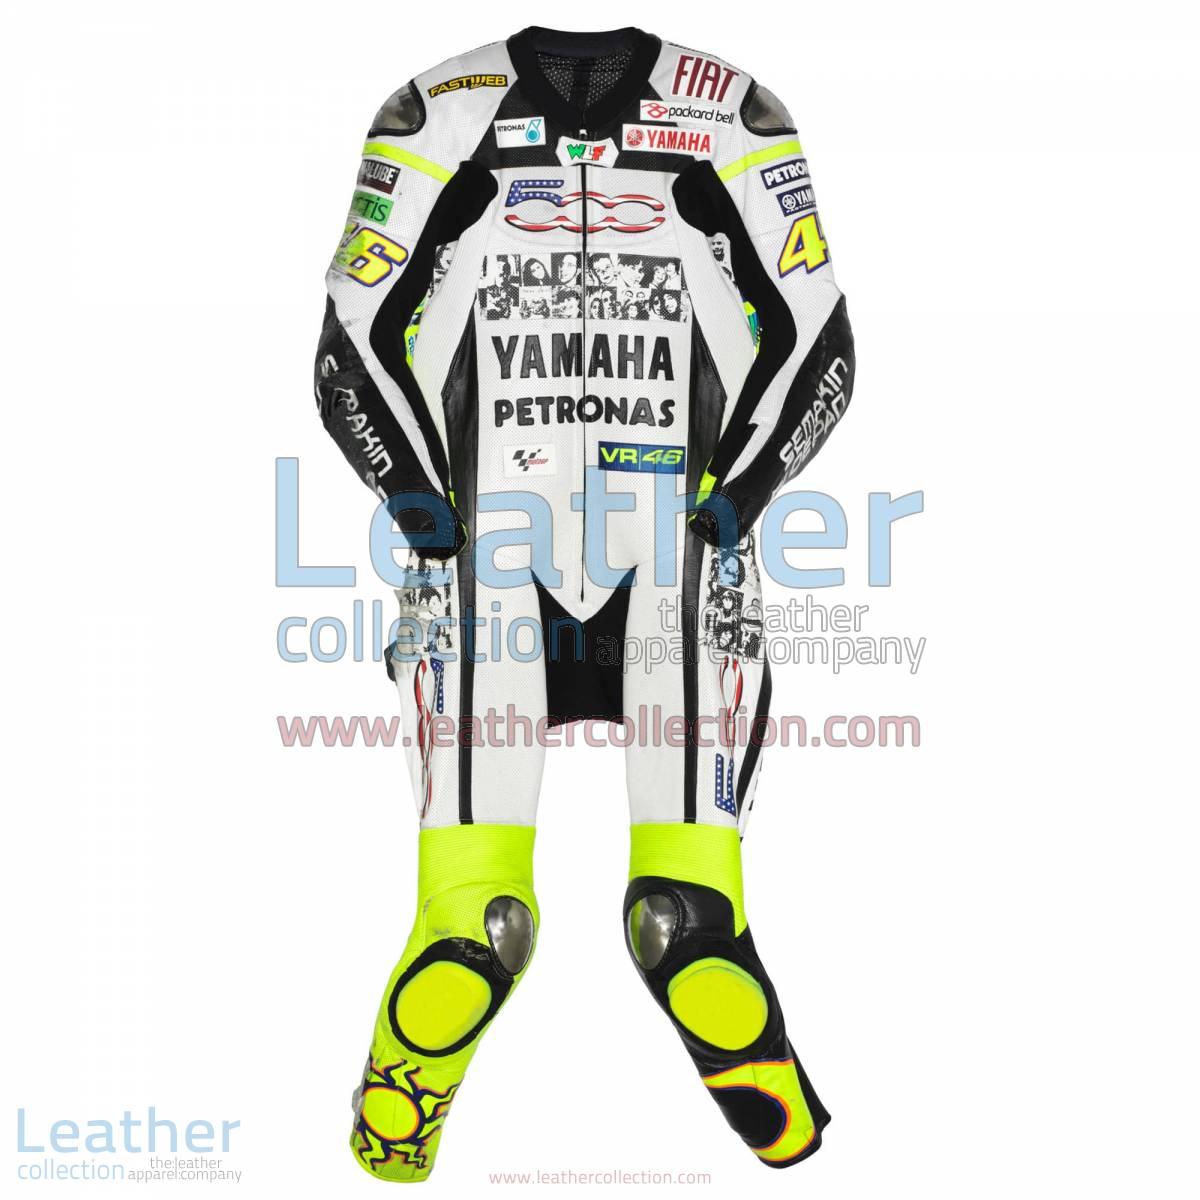 Valentino Rossi Yamaha Petronas MotoGP 2010 Suit | valentino rossi suit